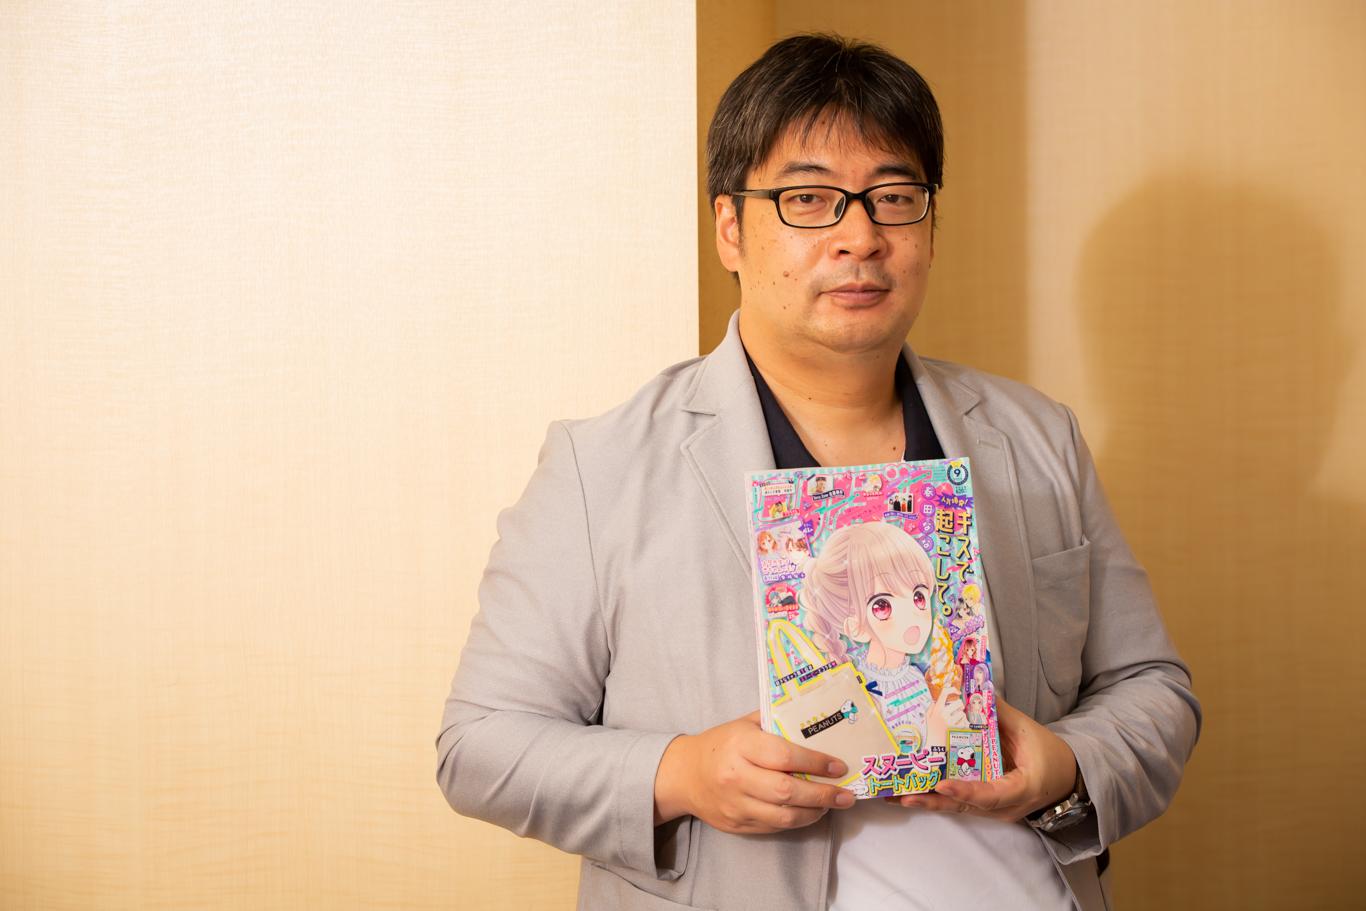 恋愛の漫画も、恋愛じゃない漫画も、彩り豊かに。編集長・相田聡一が語る「りぼん」の未来